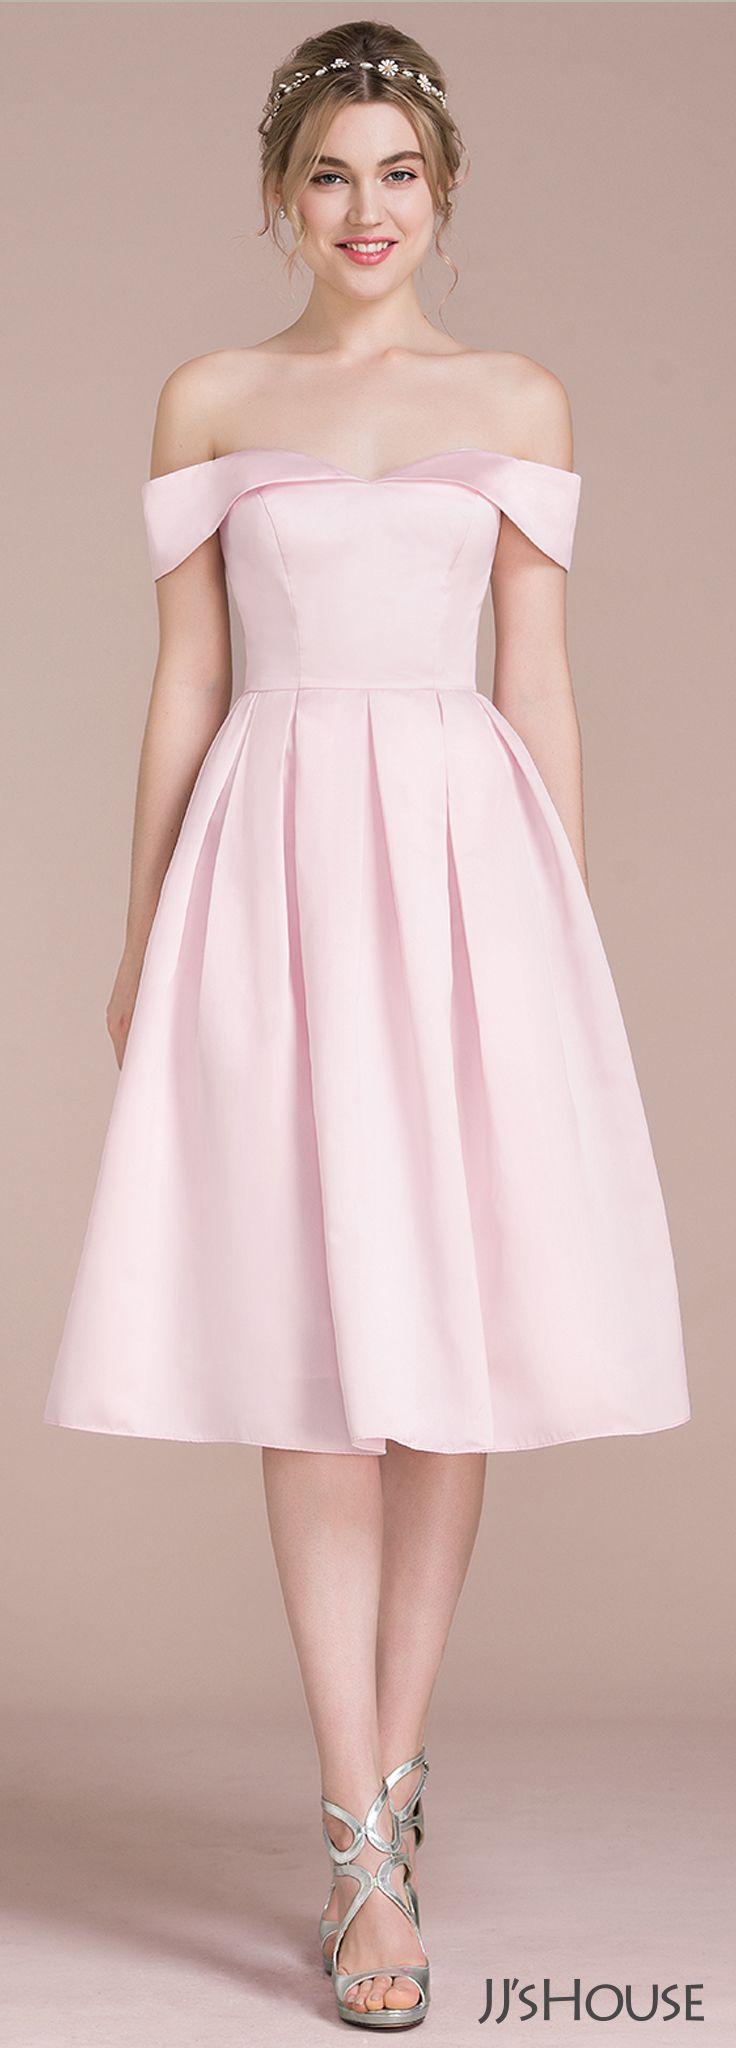 A-Line/Princess Off-the-Shoulder Knee-Length Satin Bridesmaid Dress ...